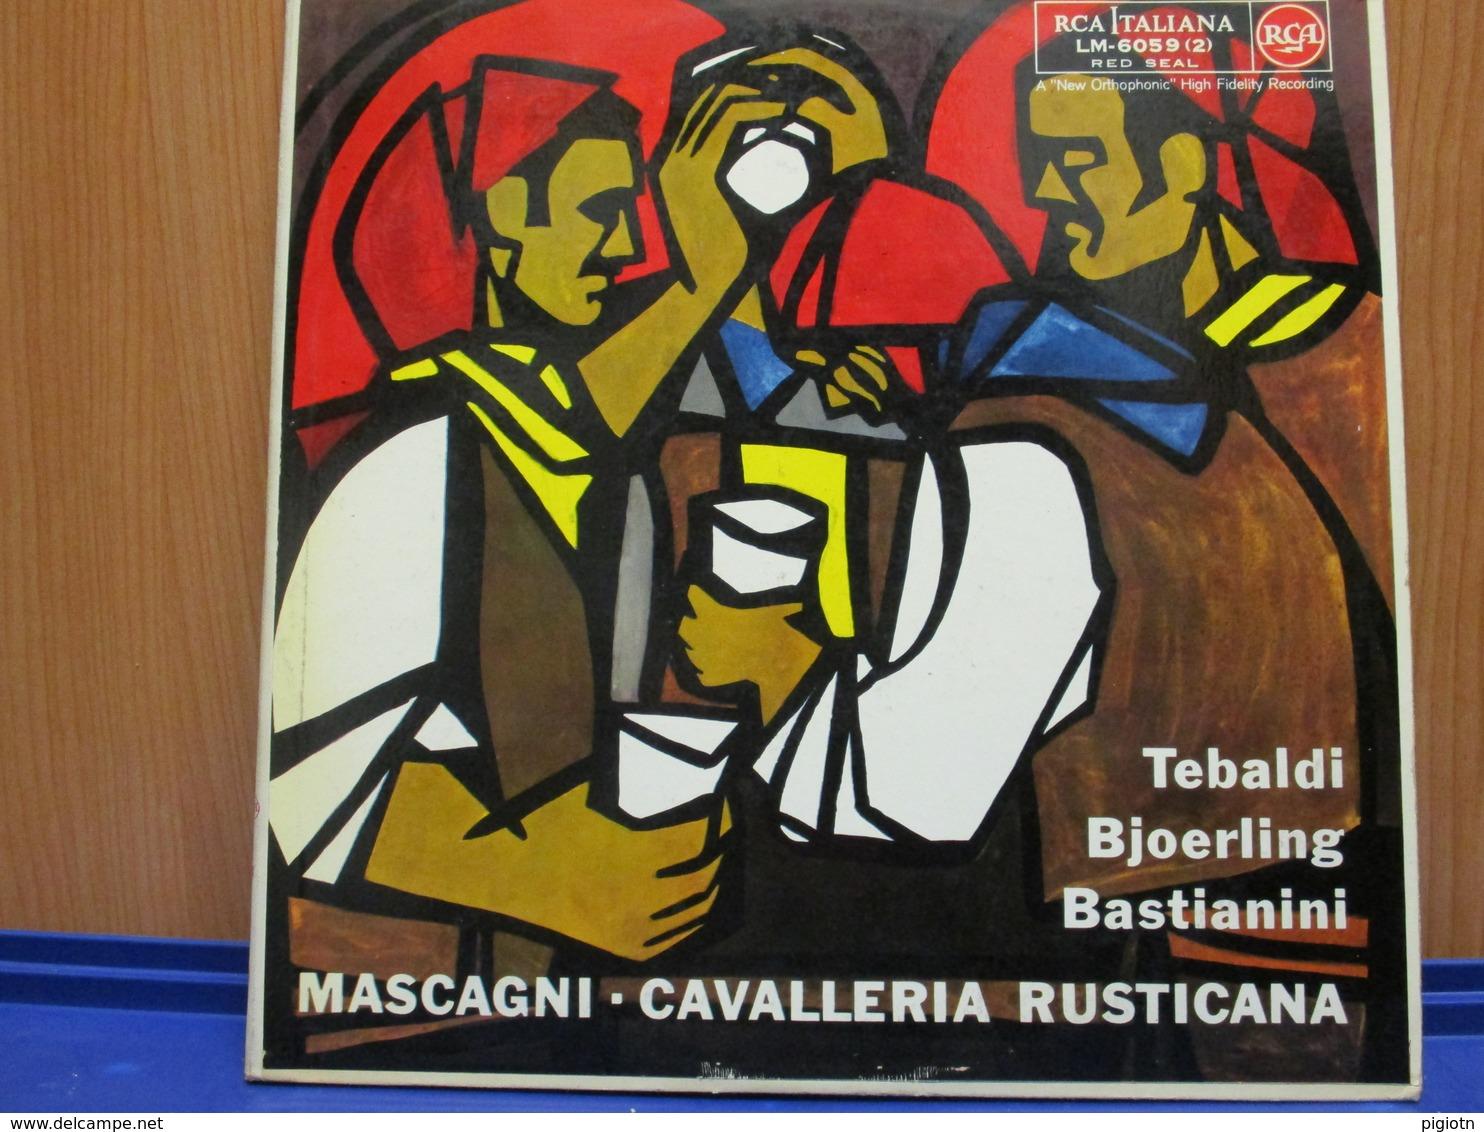 LP016 - COFANETTO 2 LP + LIBRETTO - CAVALLERIA RUSTICANA - - Opera / Operette